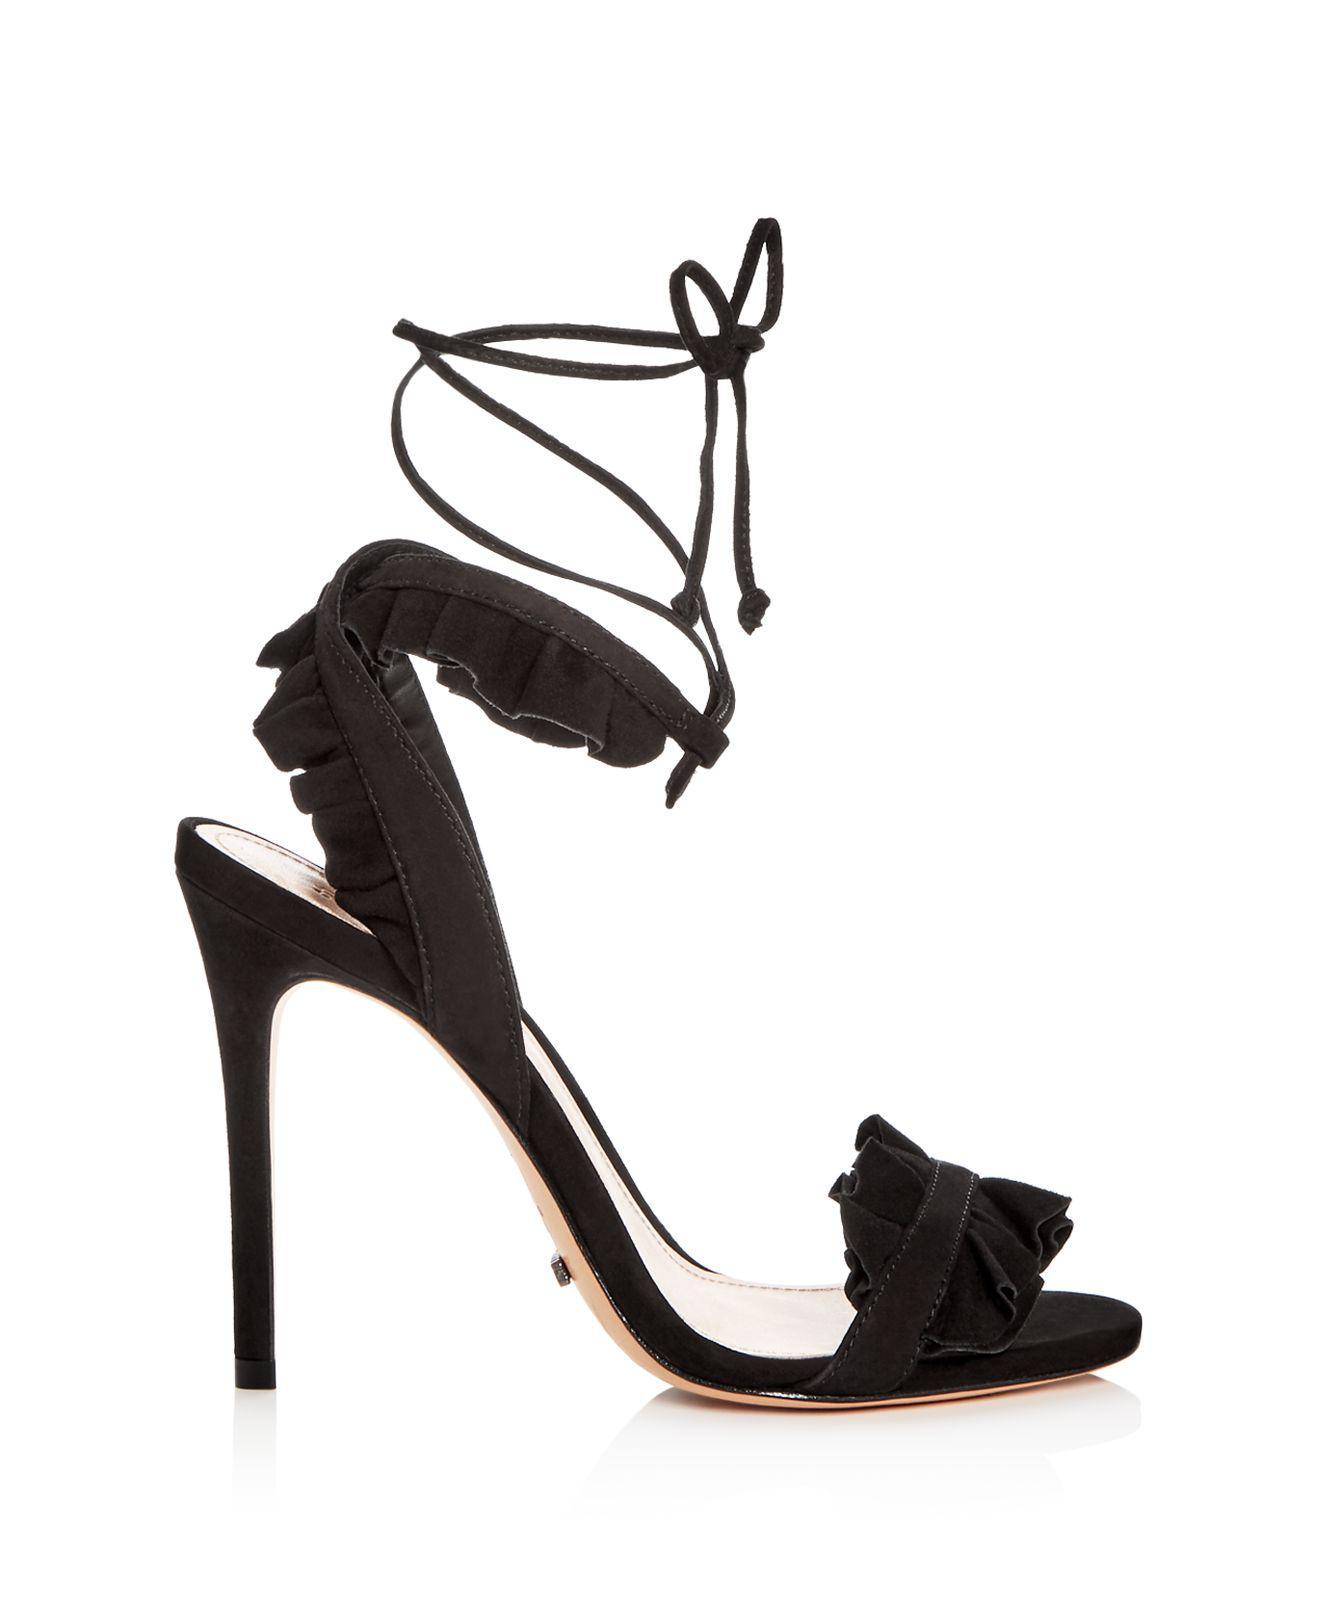 a7c66b47ac5 Schutz Black Women's Irem Suede Ankle Tie High-heel Sandals